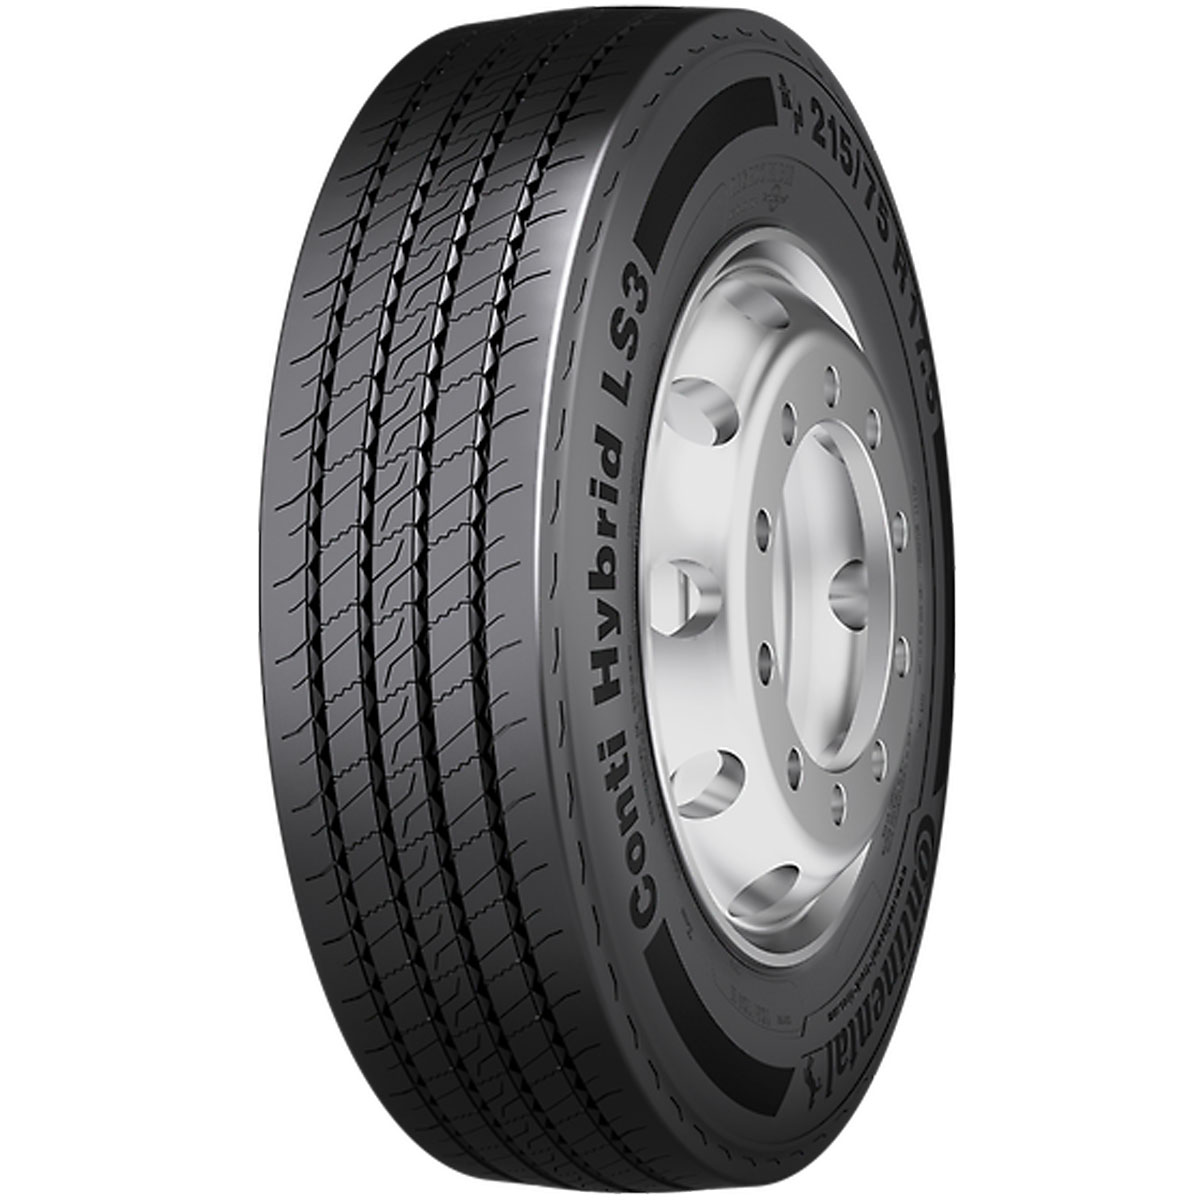 Anvelopa Directie Continental Hybrid Ls3 205/75 R1